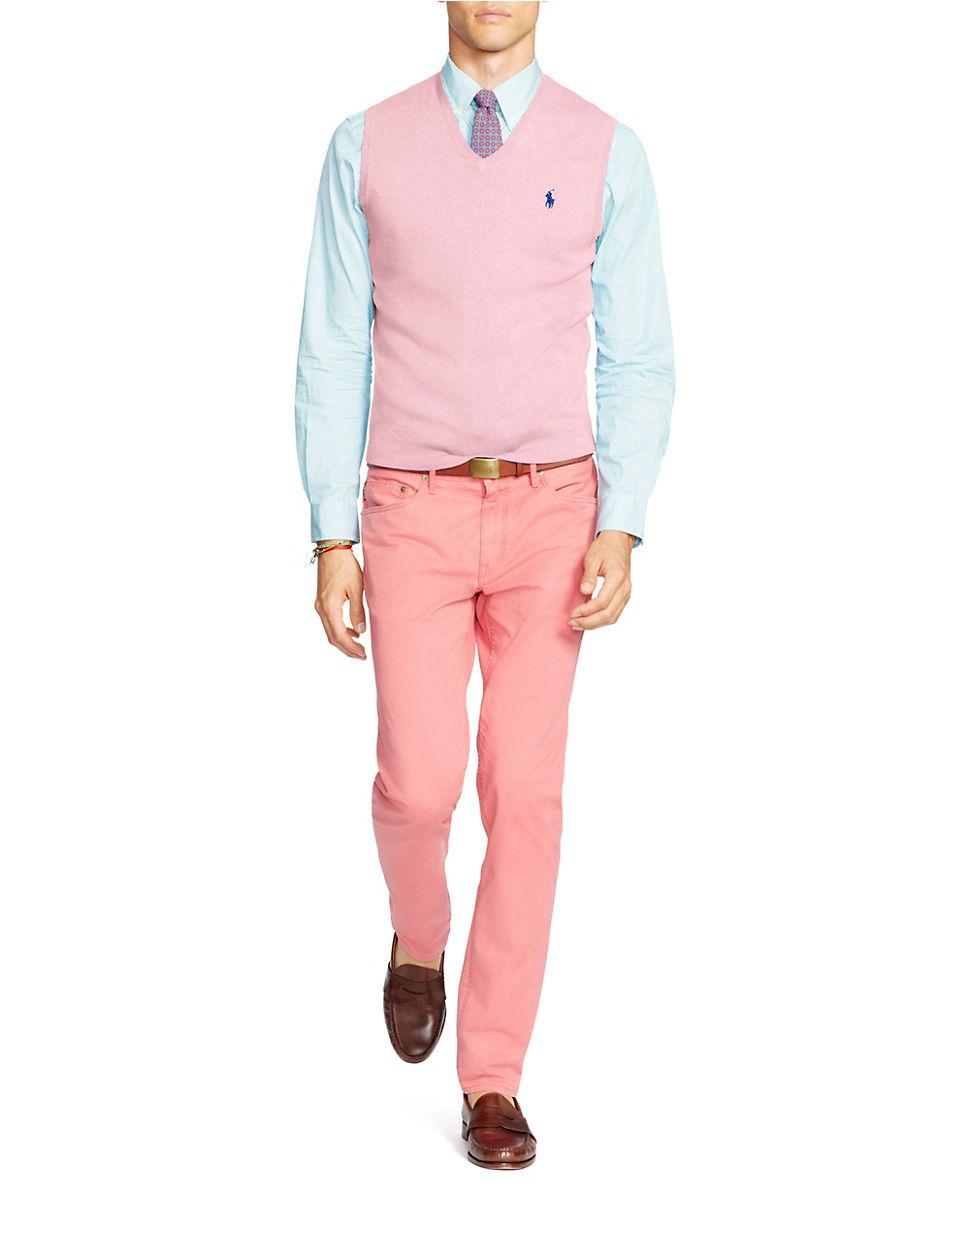 polo ralph lauren pima v neck vest in pink for men lyst. Black Bedroom Furniture Sets. Home Design Ideas